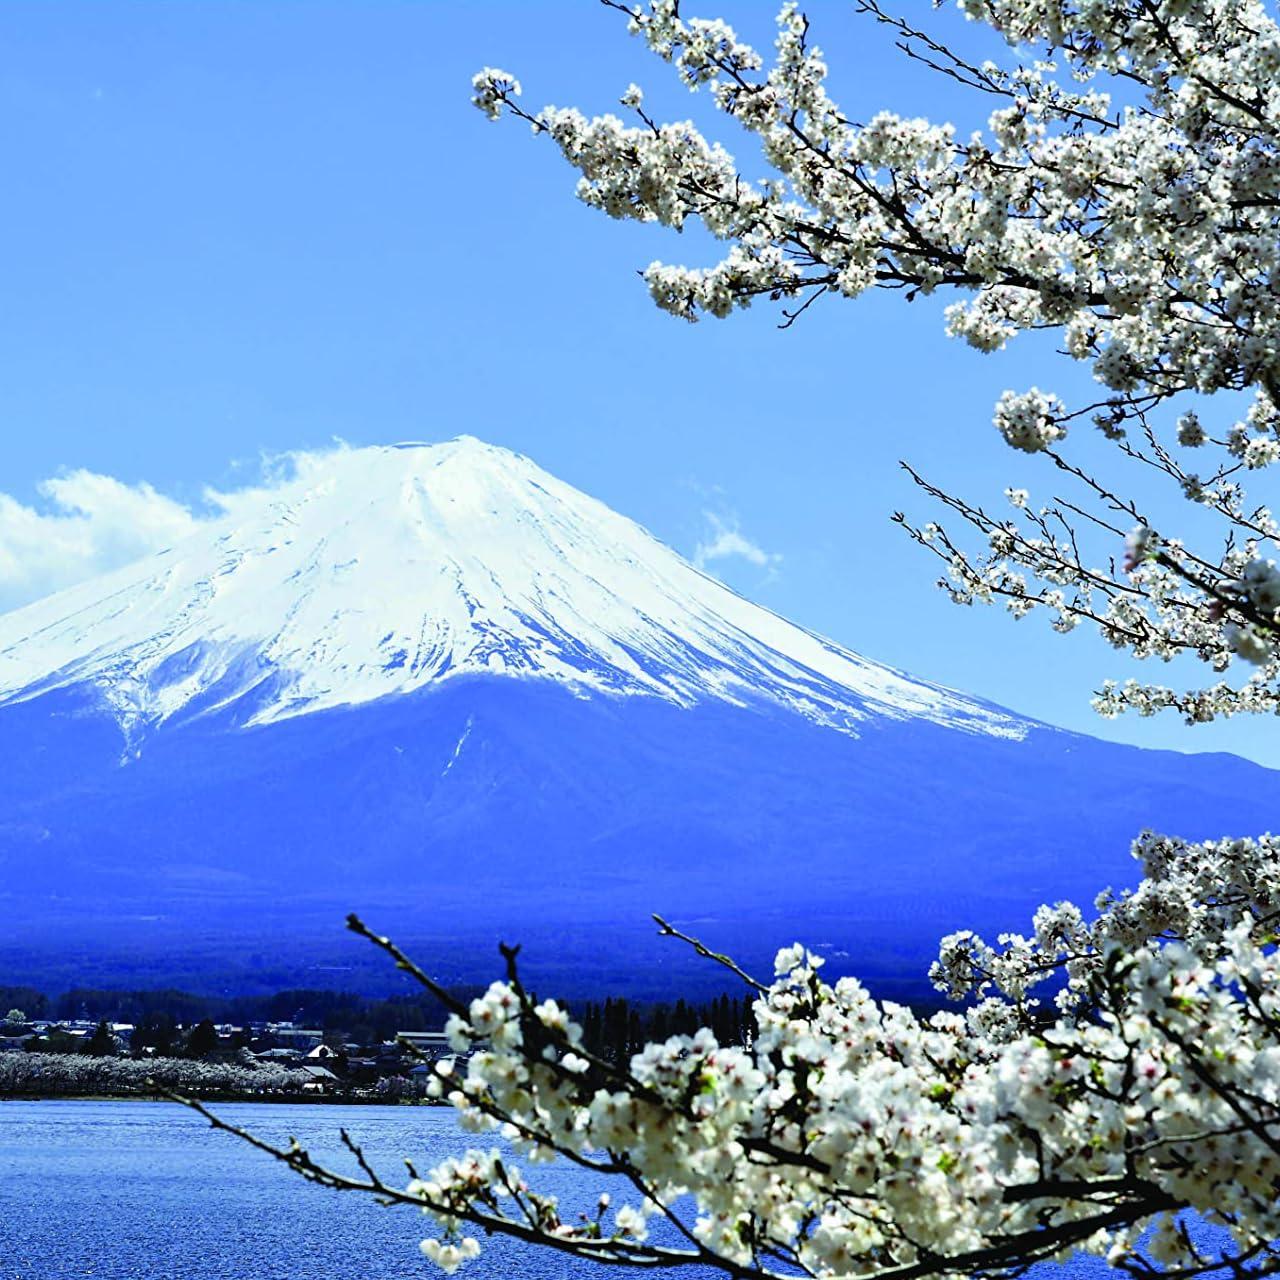 パワースポット Ipad壁紙 富士山 桜 令和5月6月 その他 スマホ用画像118378